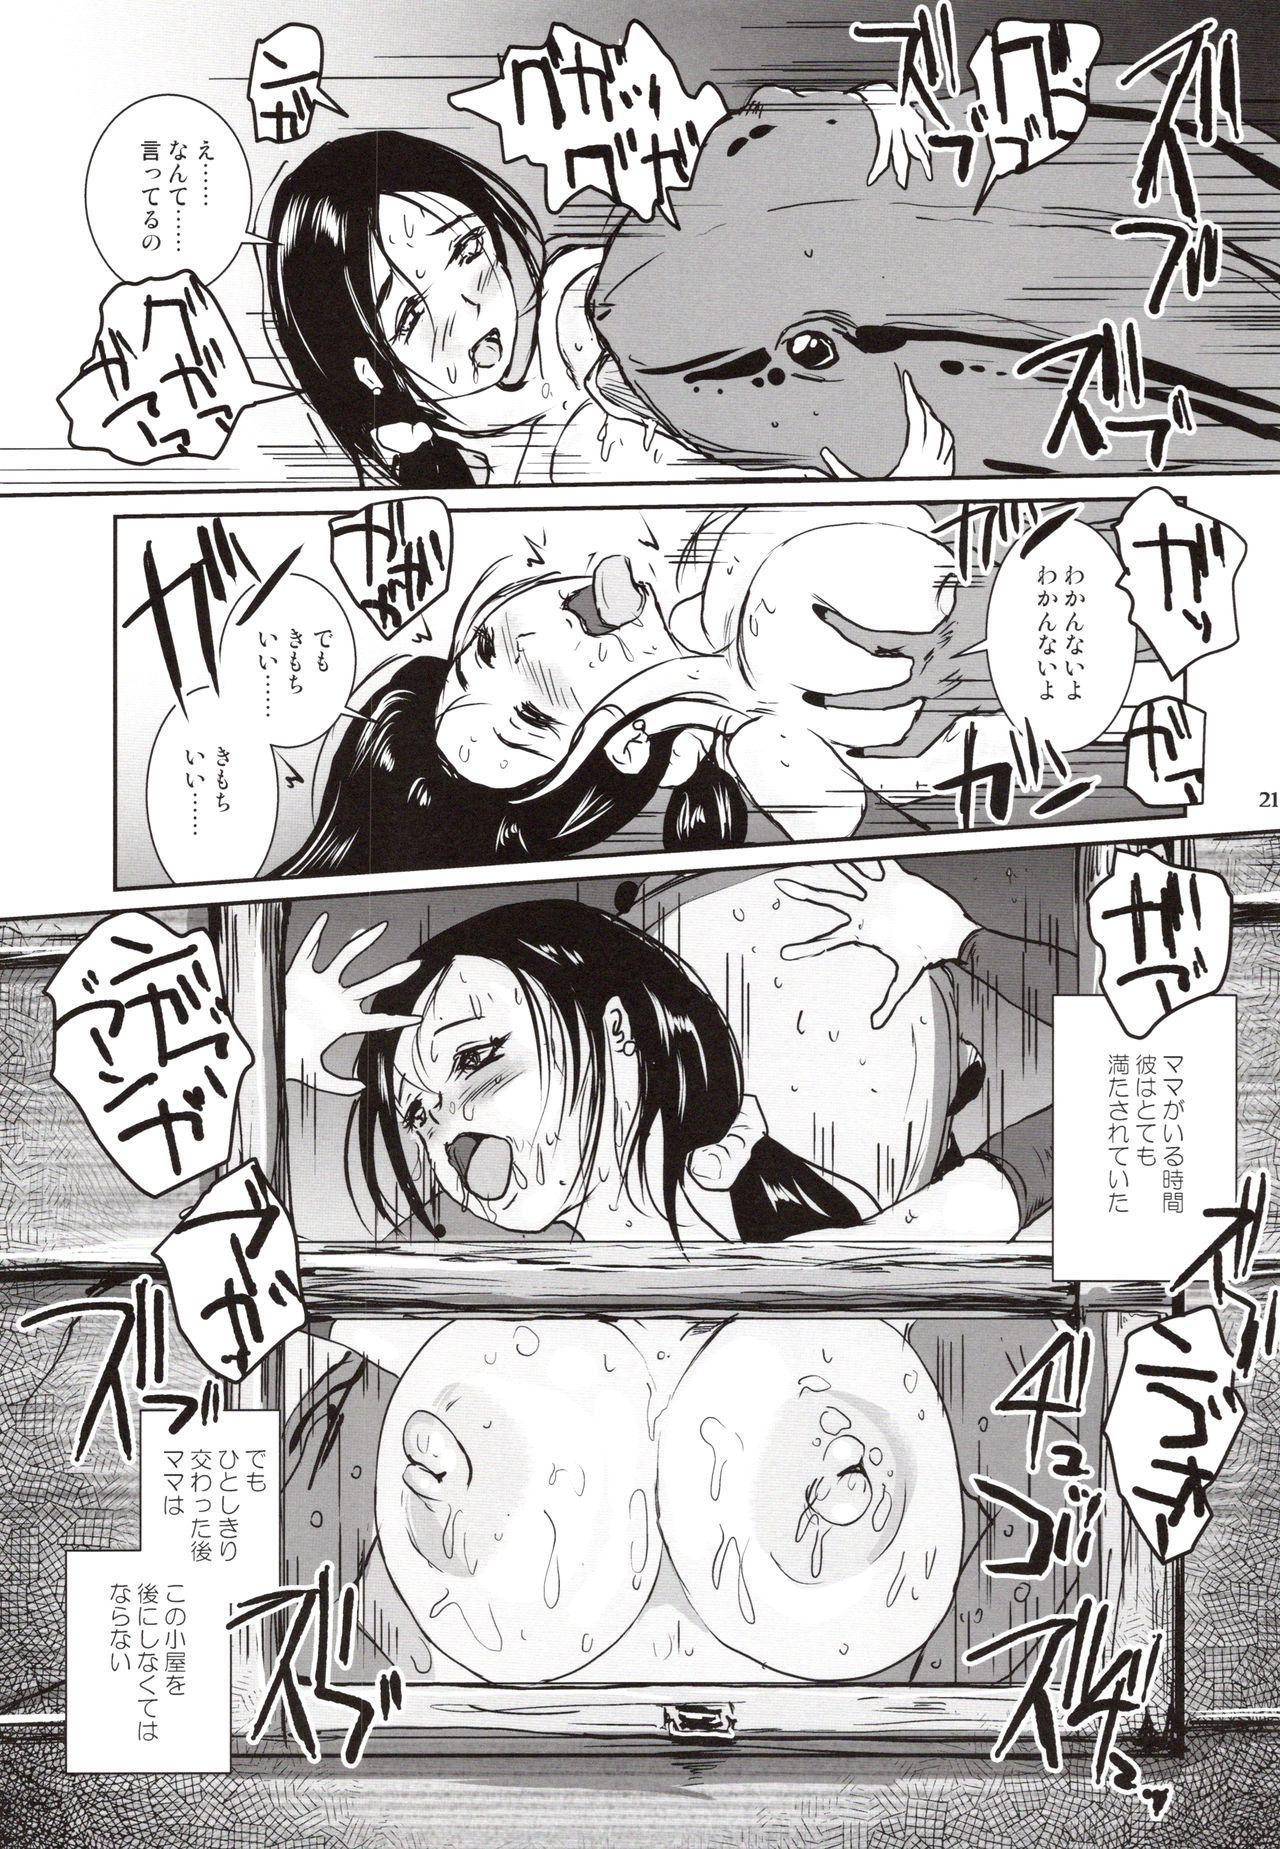 Kinshin Kaerukan - Mama o Aishi Sugita Kogaeru no Monogatari 19